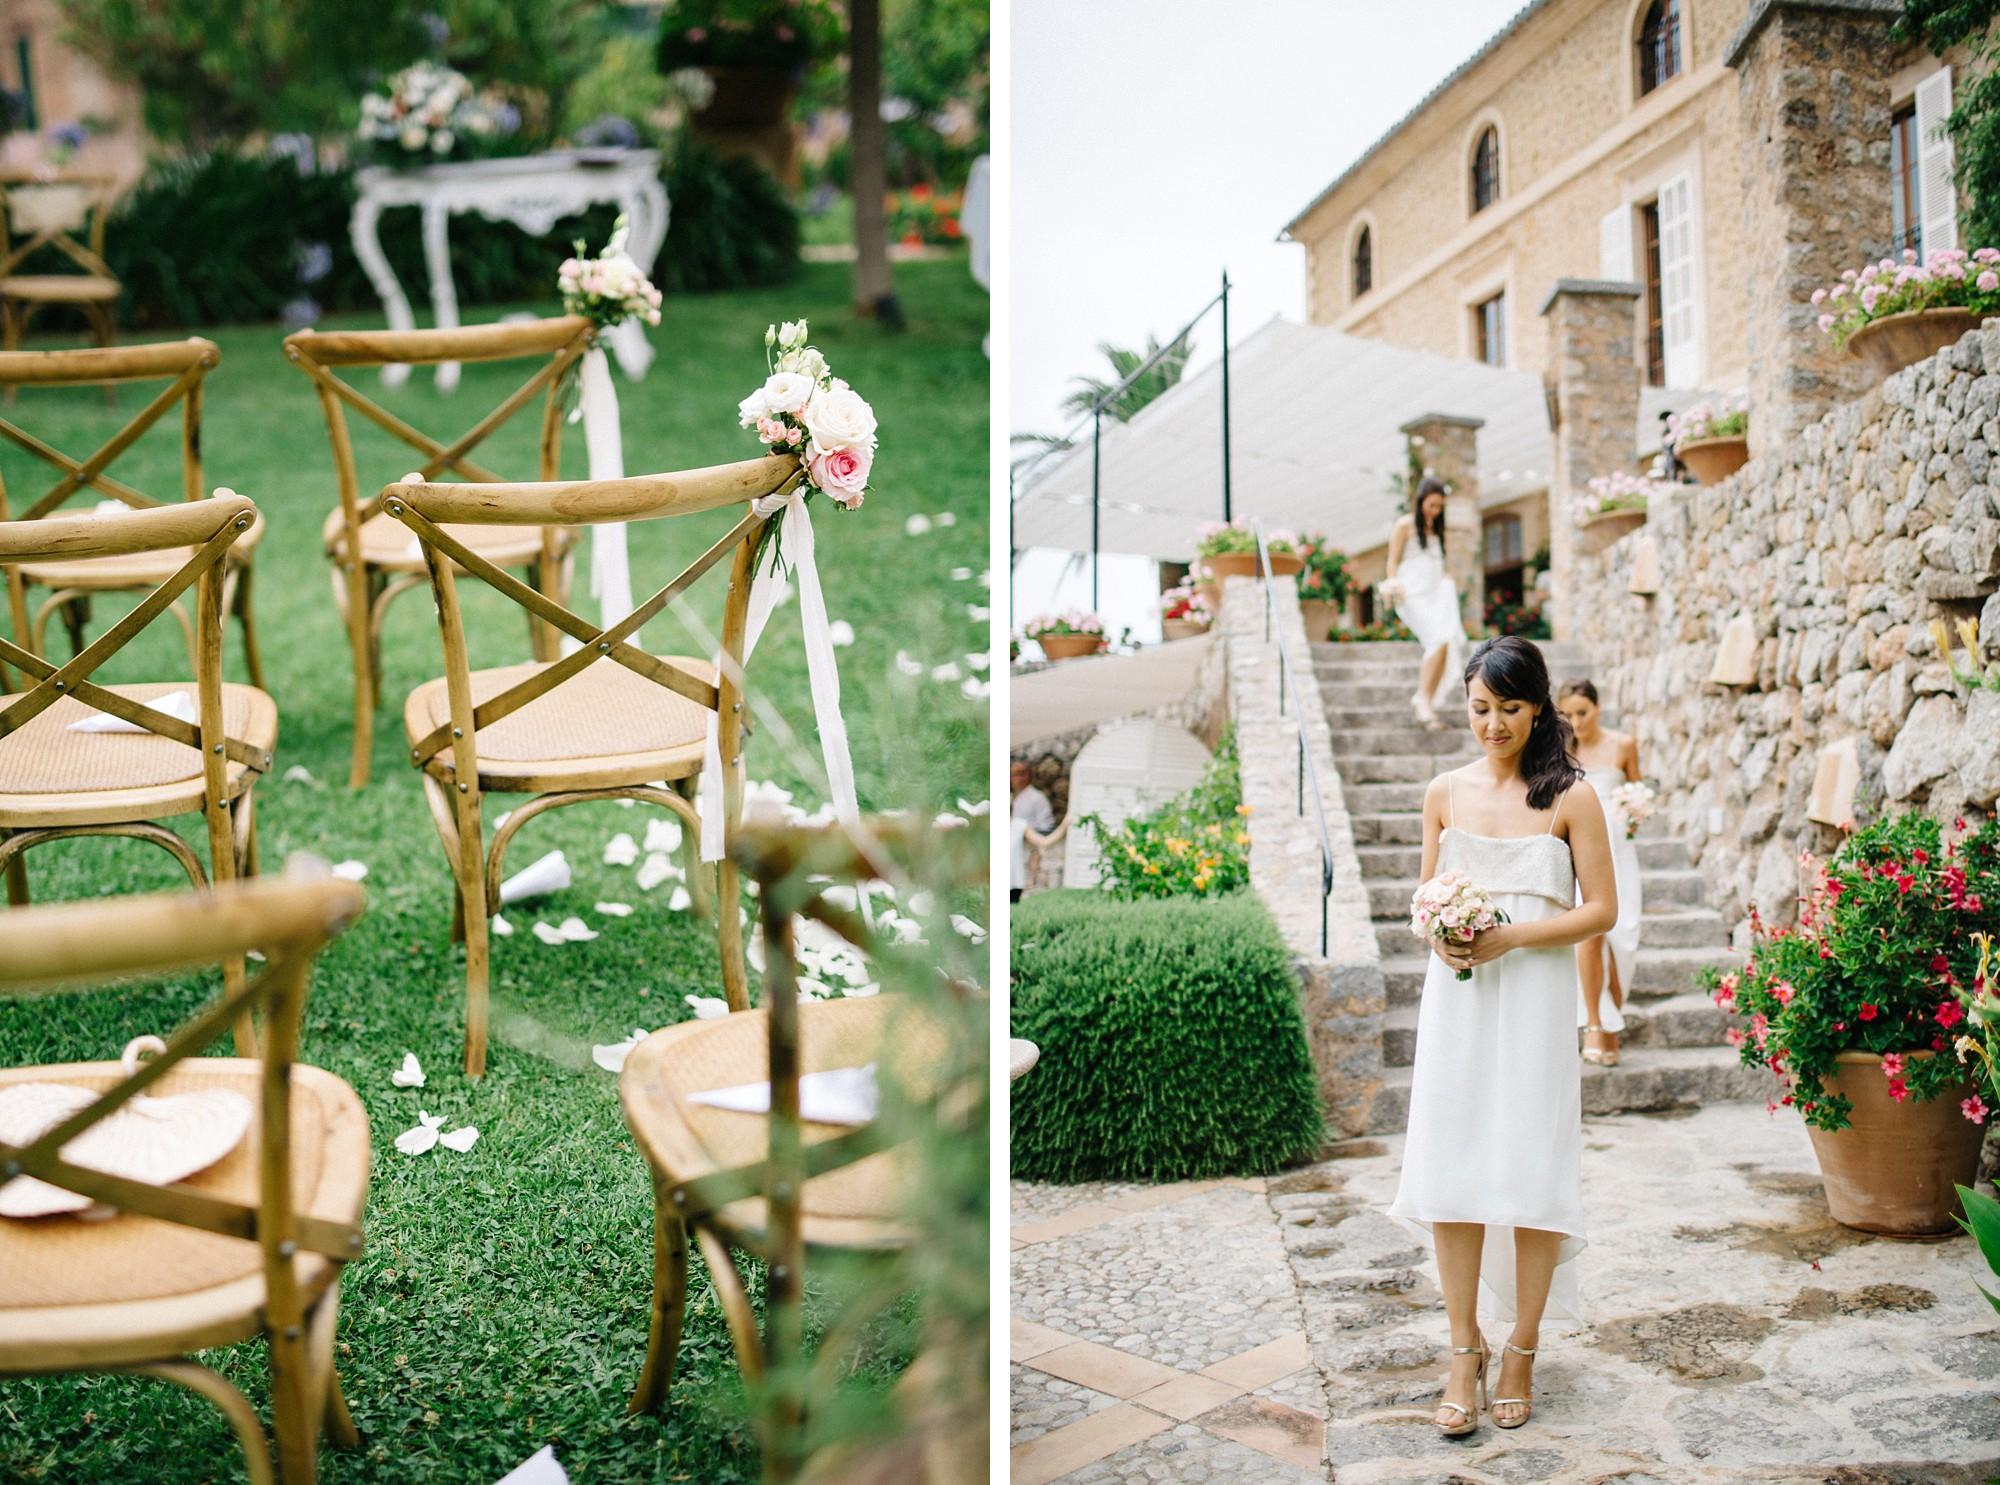 fotografos de boda en valencia barcelona mallorca wedding photographer072.jpg